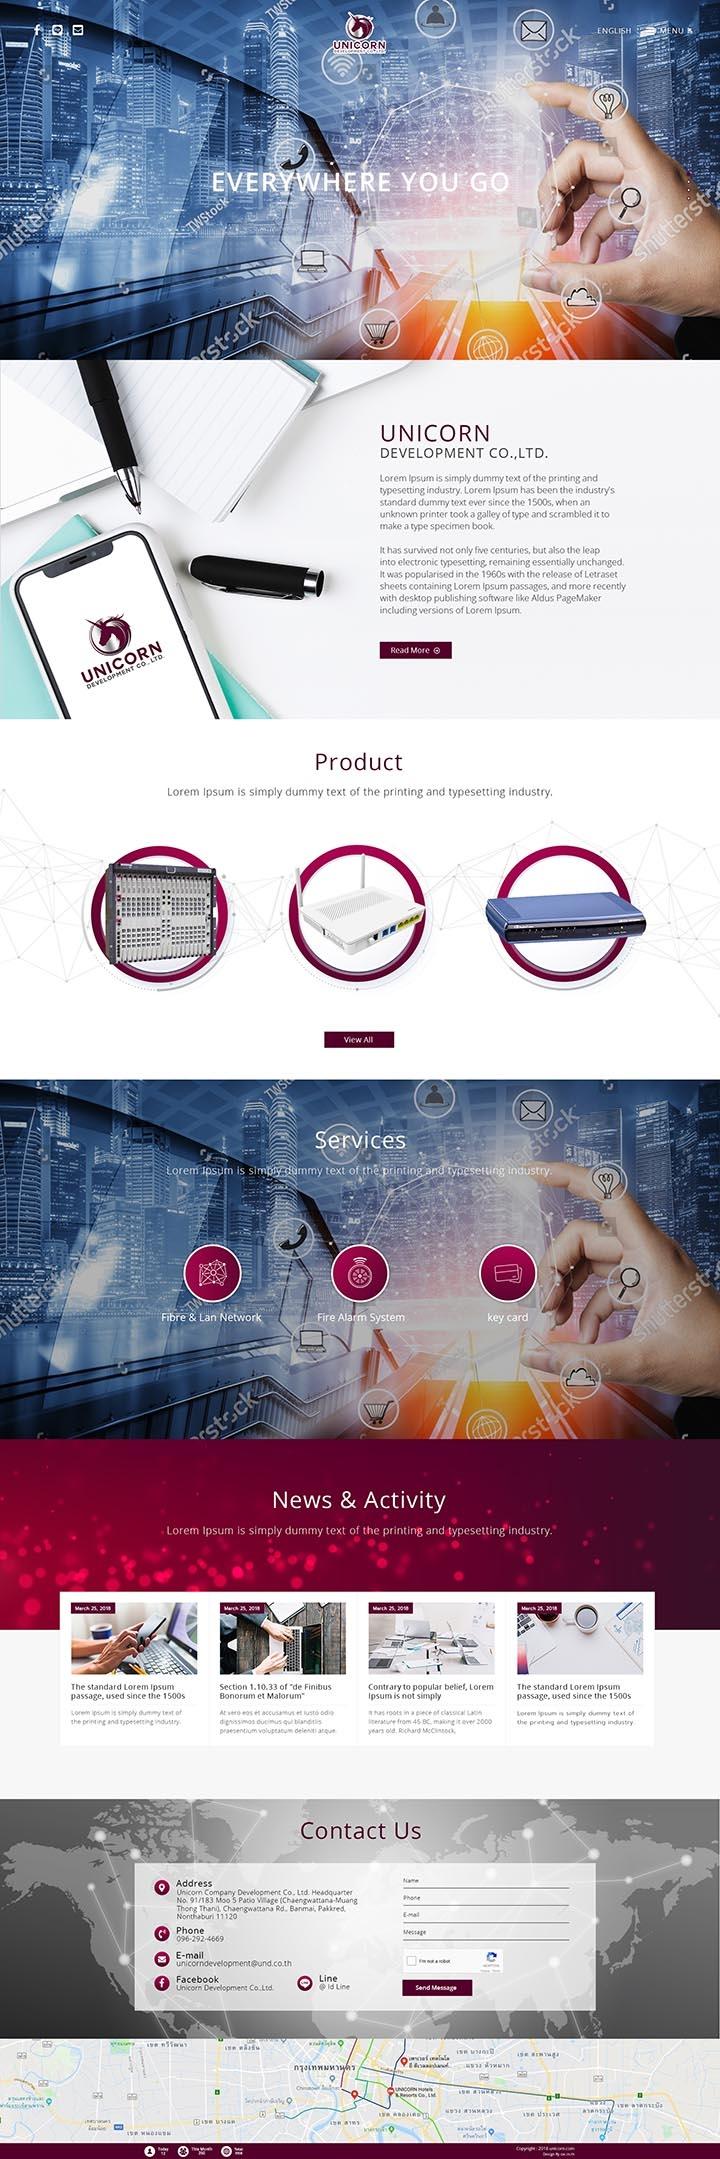 บริษัททำเว็บสายส่งไฟฟ้ากำลัง-สายสัญญาณสื่อสาร,พัฒนาเว็บเครื่องใช้ไฟฟ้า-อิเล็กทรอนิกส์-ไอที